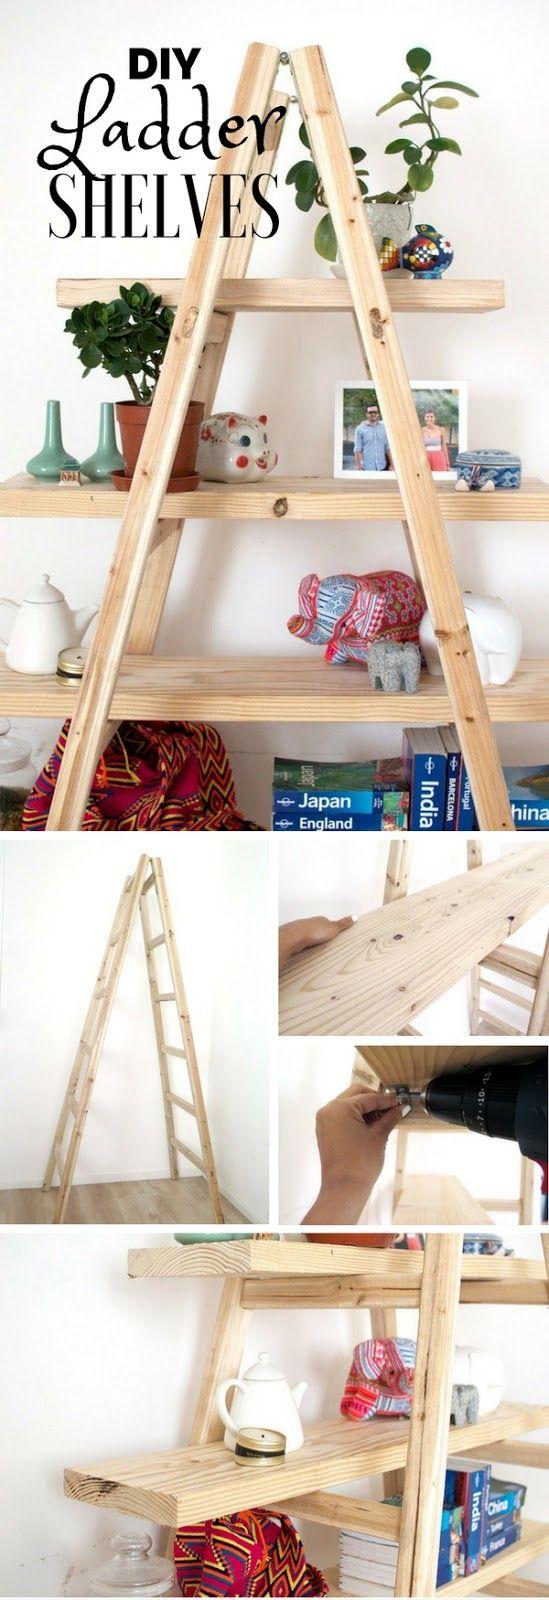 Wirklich geniale Home-Hacks, die du genauso machen kannst wie dieses wunderschöne DIY Ladder Shel …